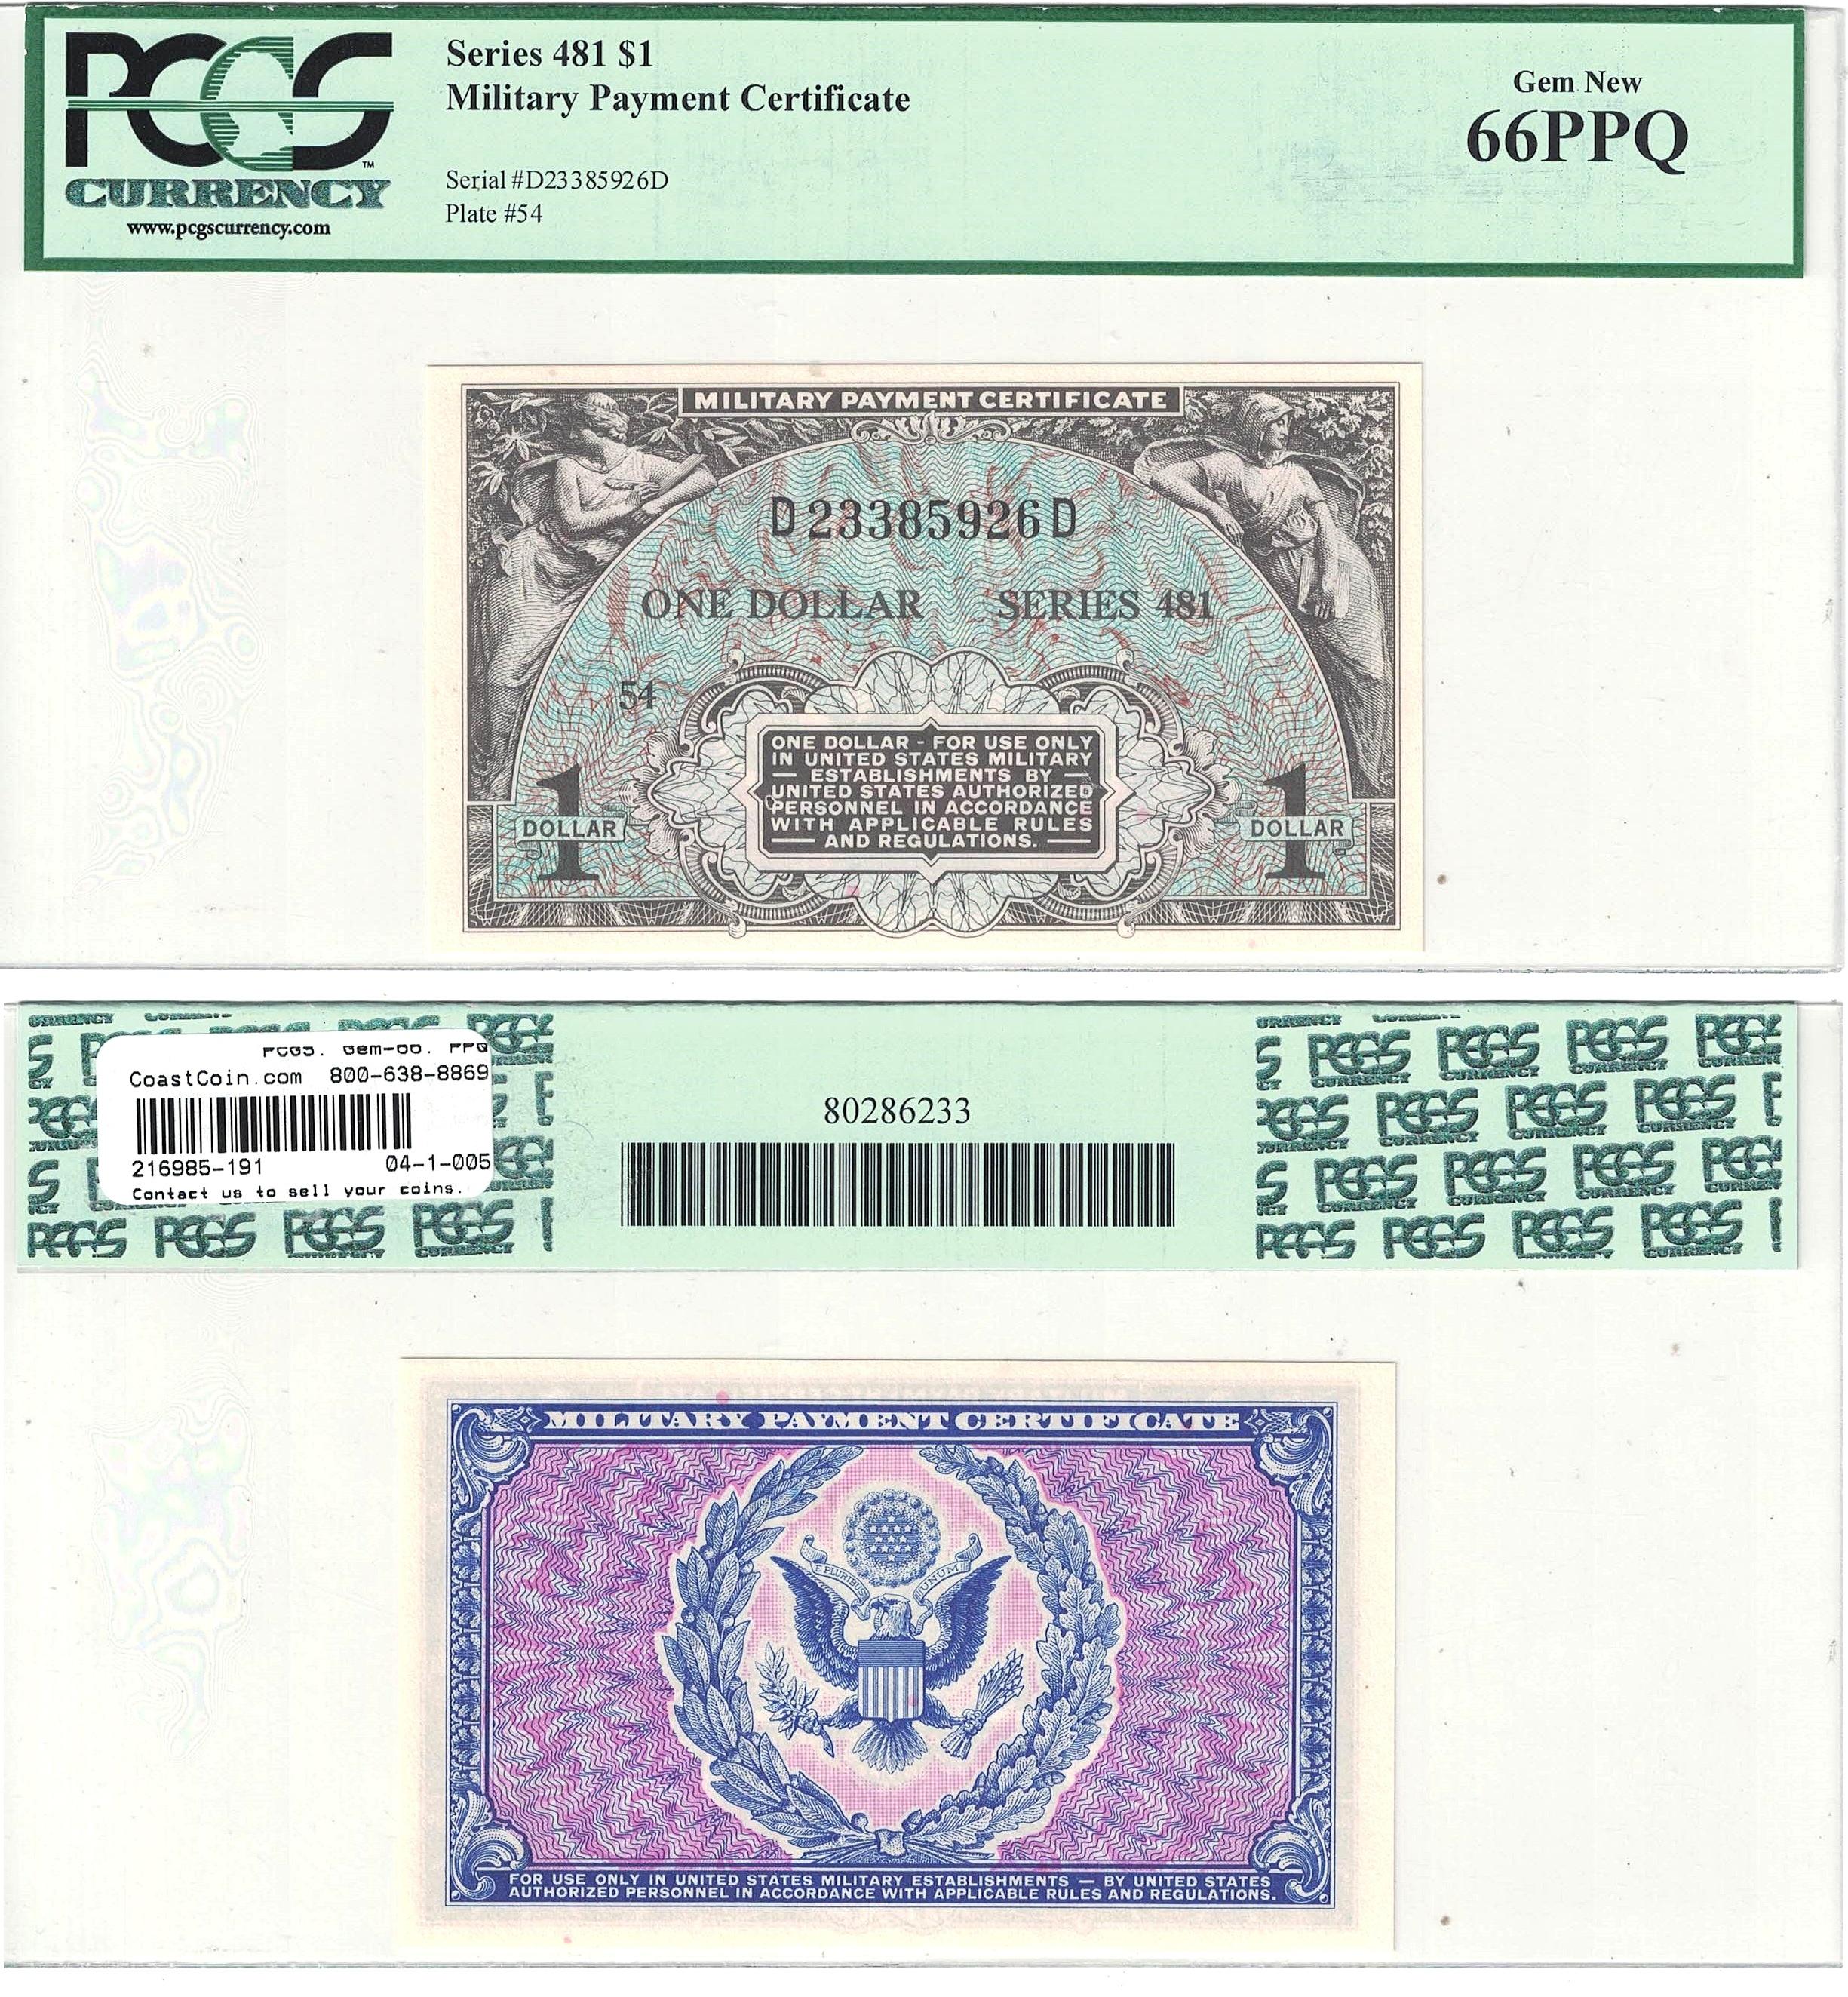 Item 216985-191